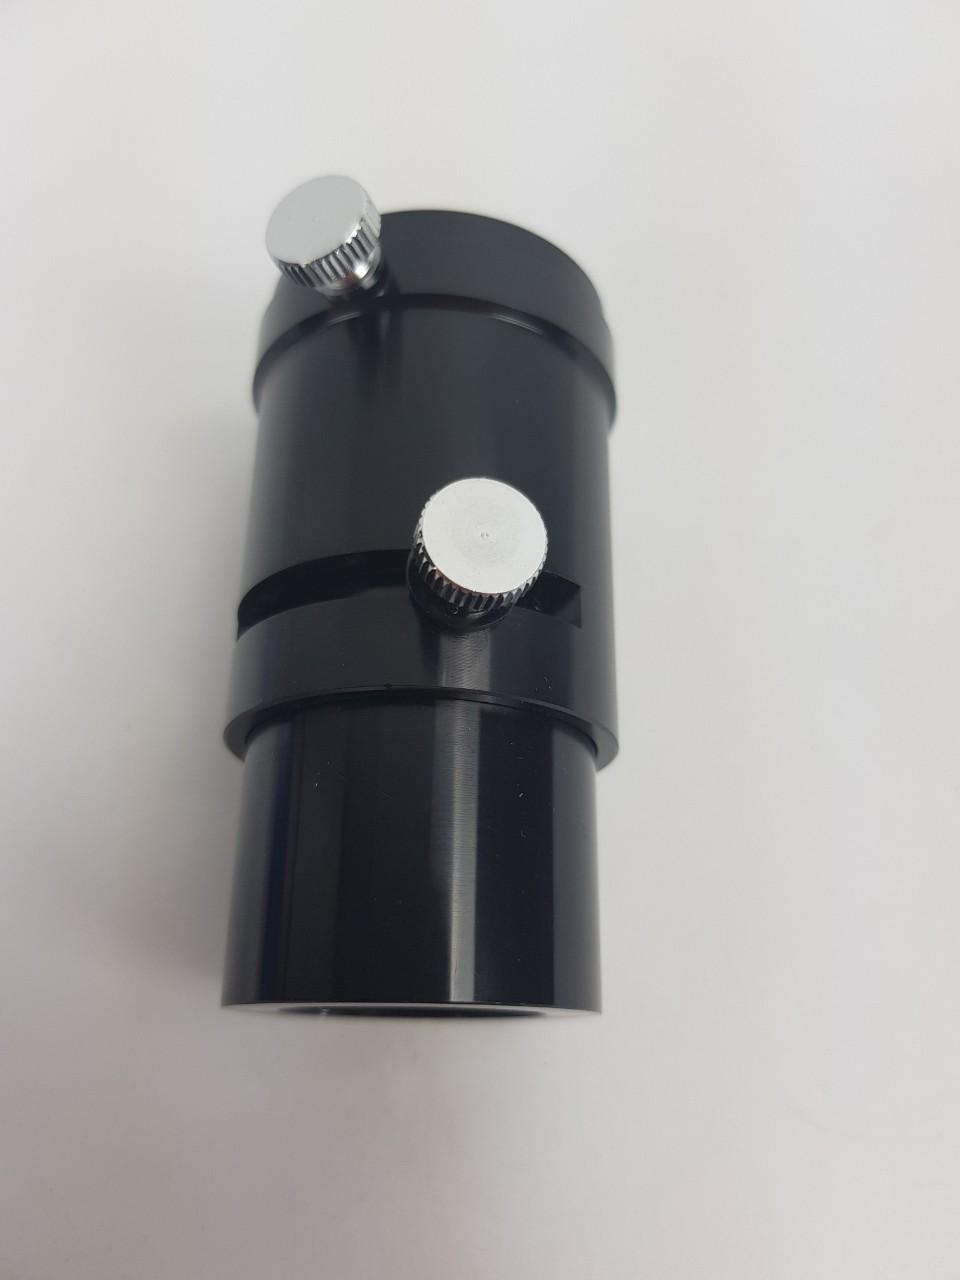 Filtro polarizzatore variabile Meade diam 31.8 mm #905 - USATO